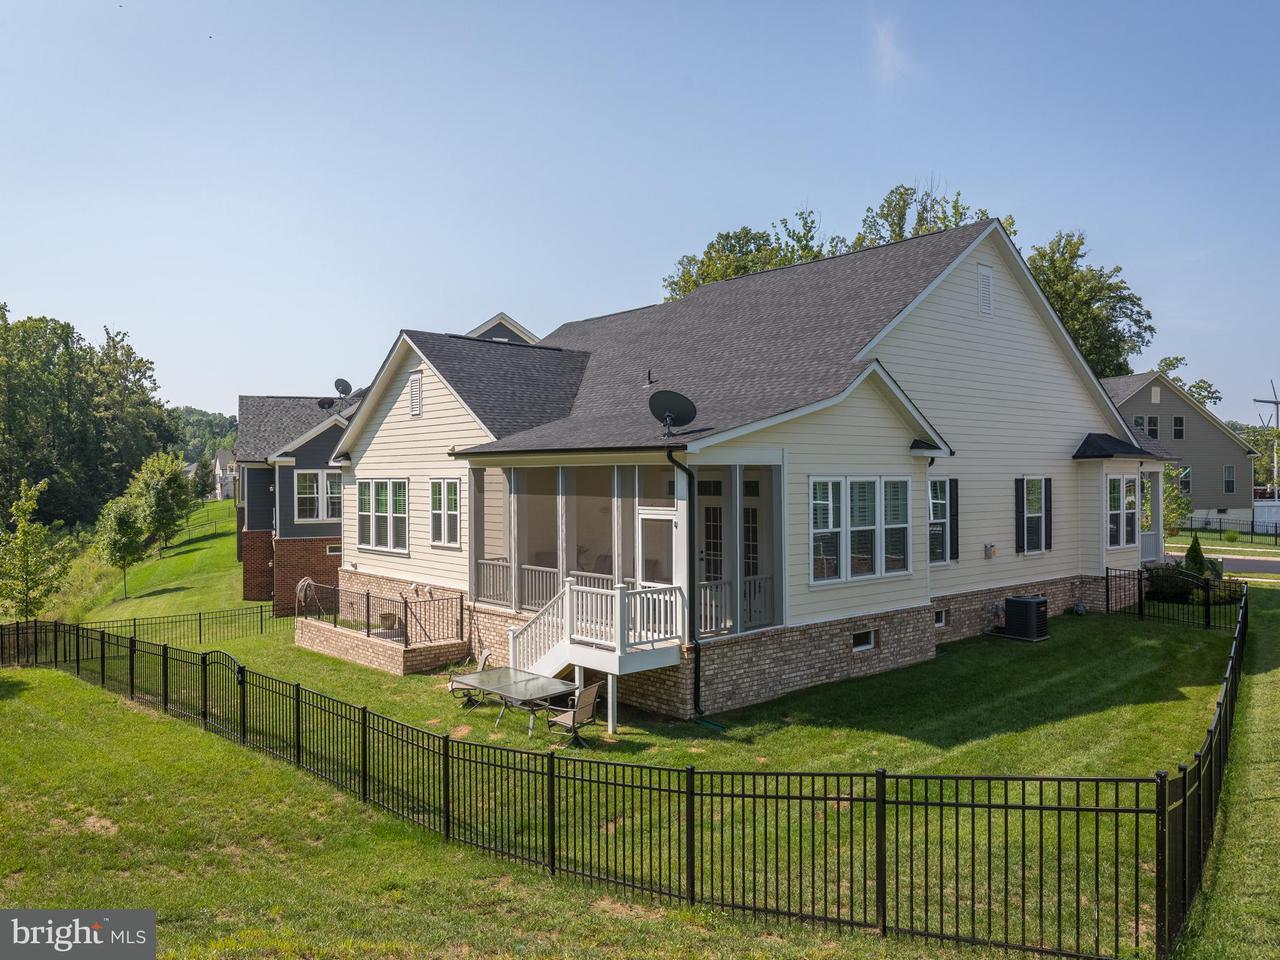 Частный односемейный дом для того Продажа на 17025 Silver Arrow Drive 17025 Silver Arrow Drive Dumfries, Виргиния 22026 Соединенные Штаты